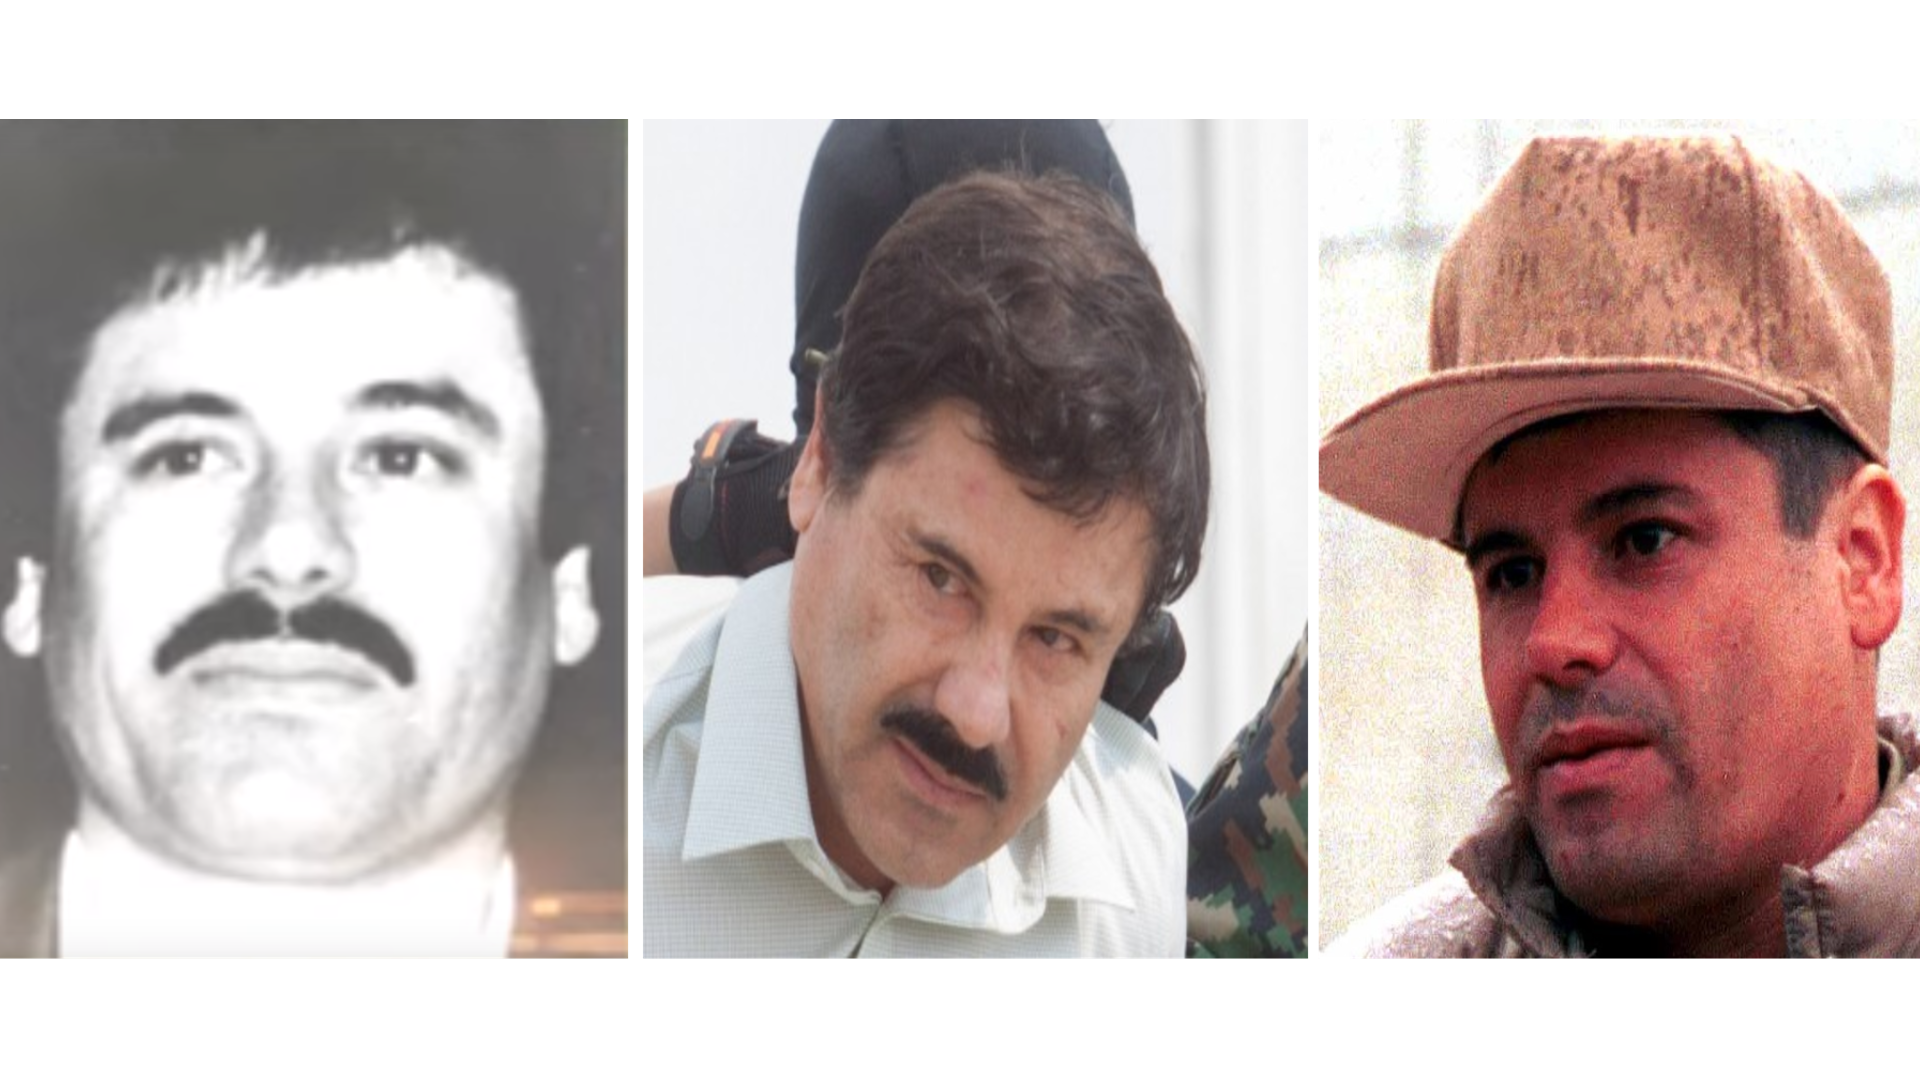 Narcocirugias Las Diferentes Etapas Del Rostro De El Chapo Guzman Para Lucir Mas Atractivo Infobae